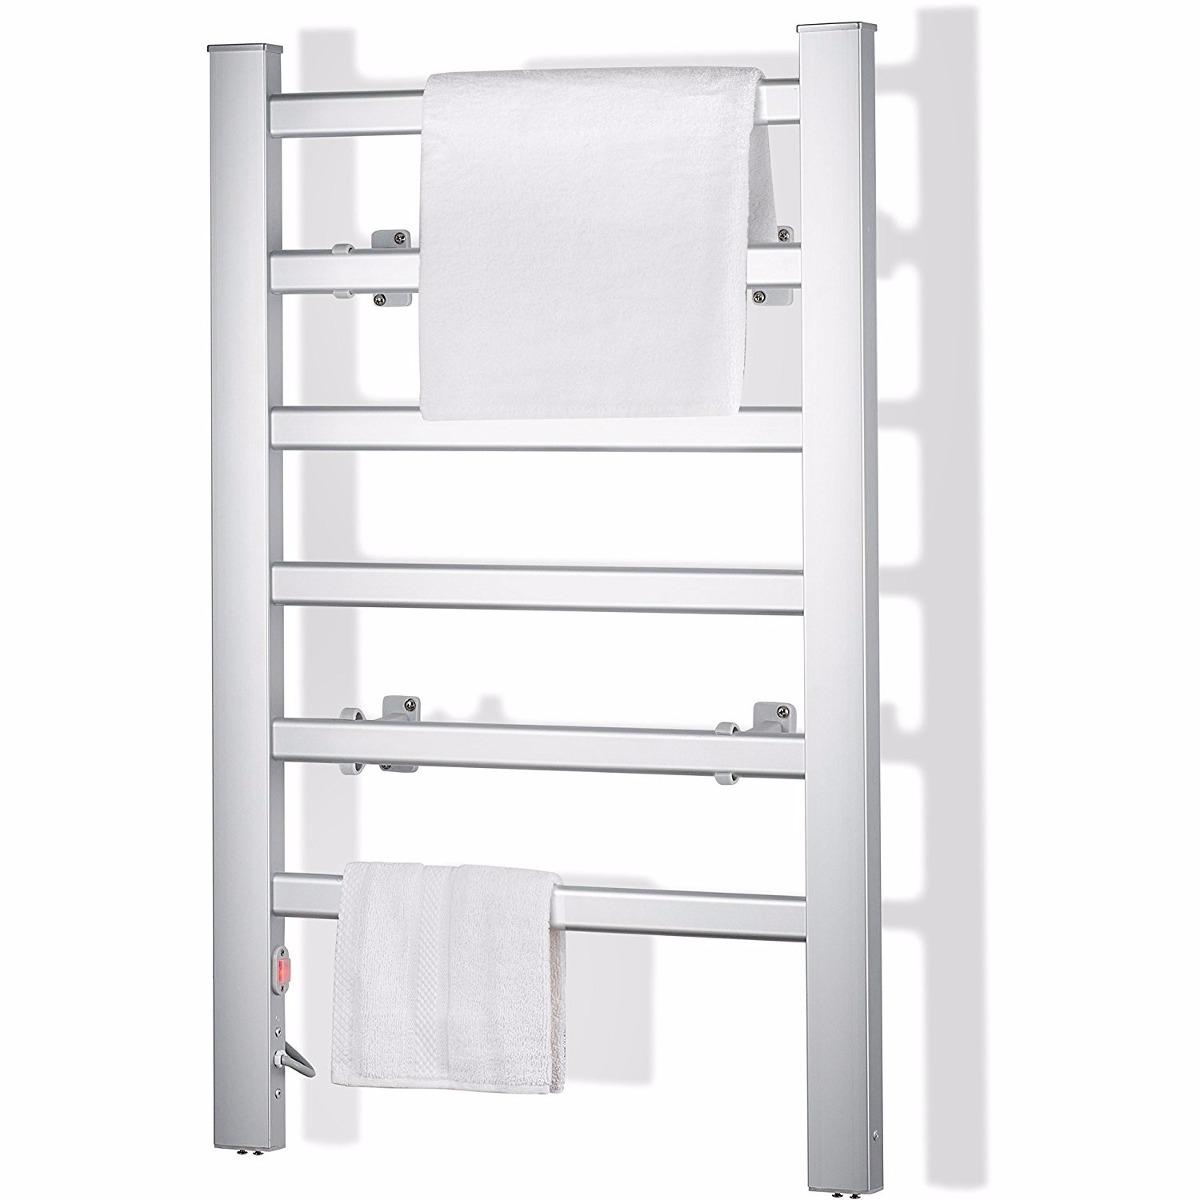 calentador de toallas mantas toallero el ctrico ba o